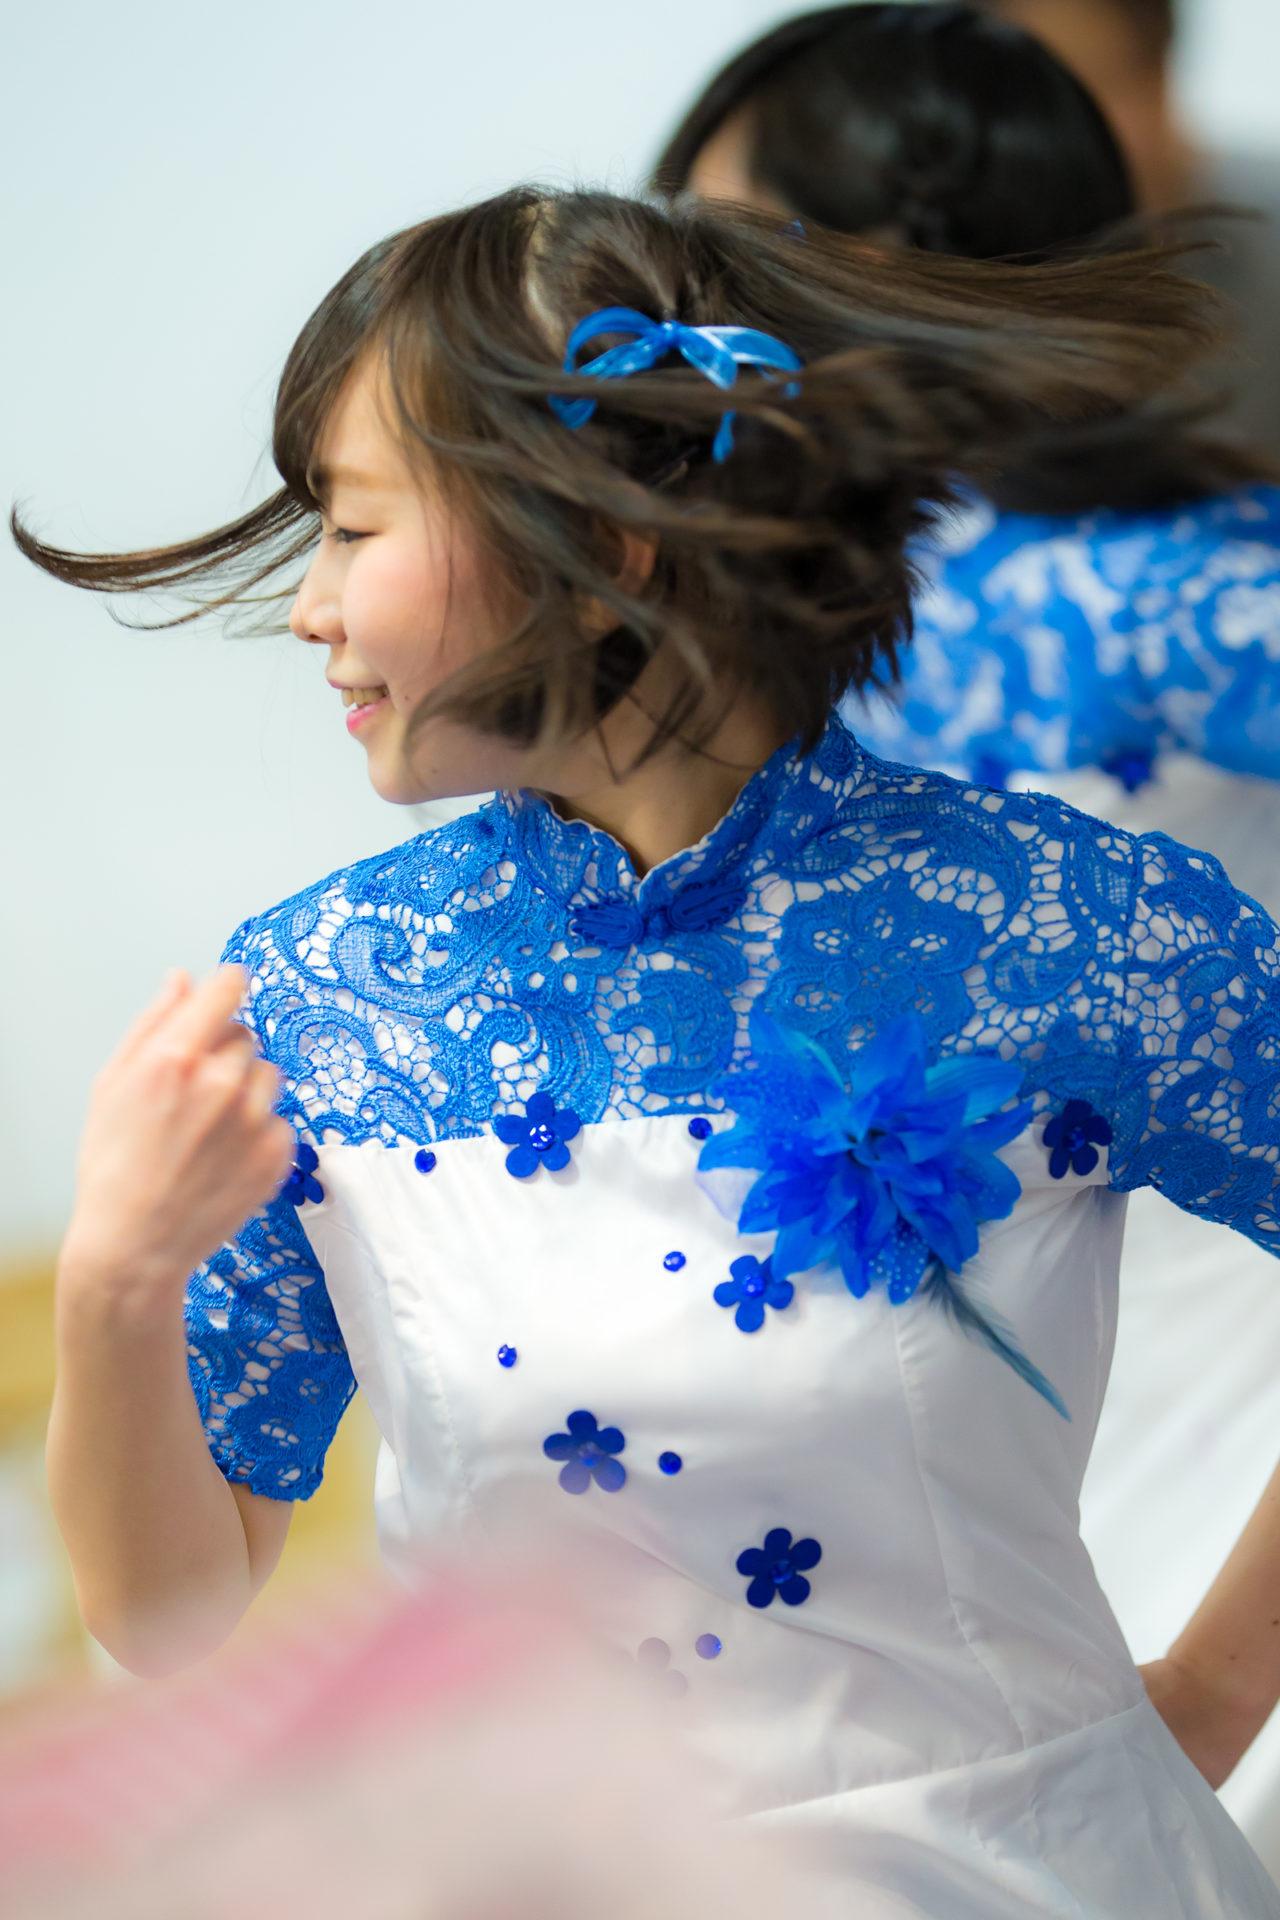 2代目HAPPY少女♪ やよたん ( 鈴木やよい ) | HMVプレゼンツライブプロマンスリーLIVE